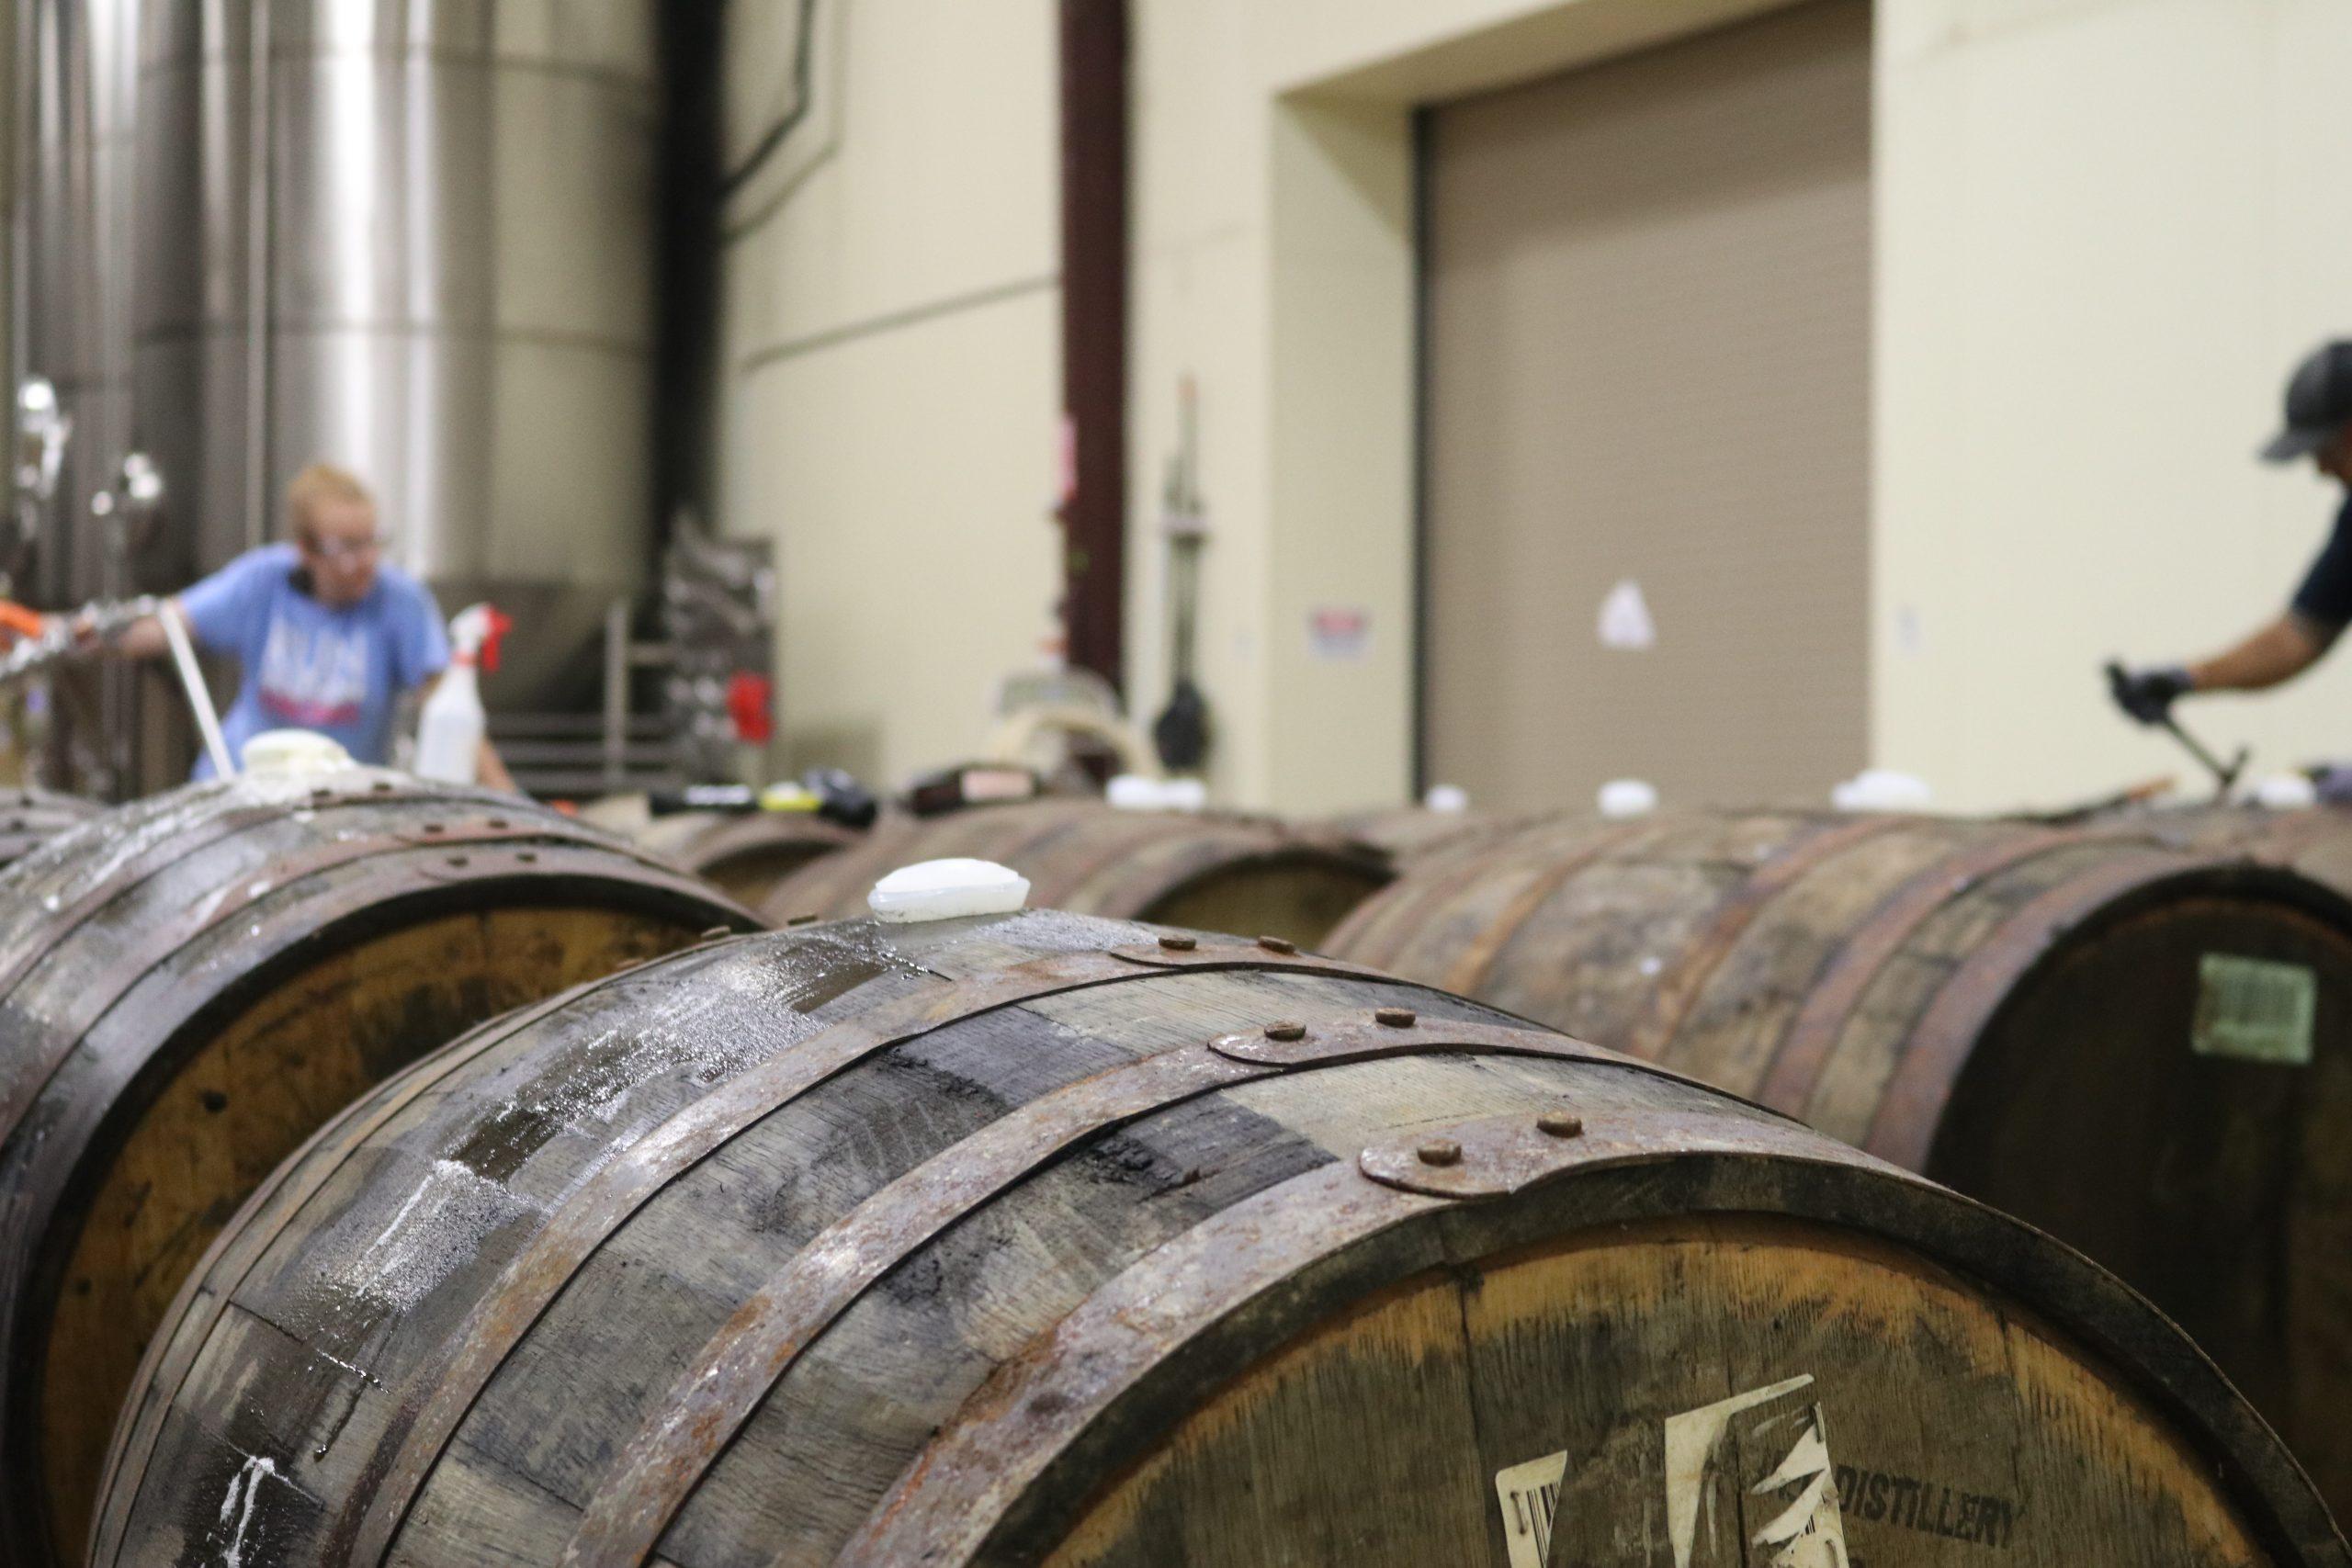 brown-wooden-barrel-inline-inside-room-1267311